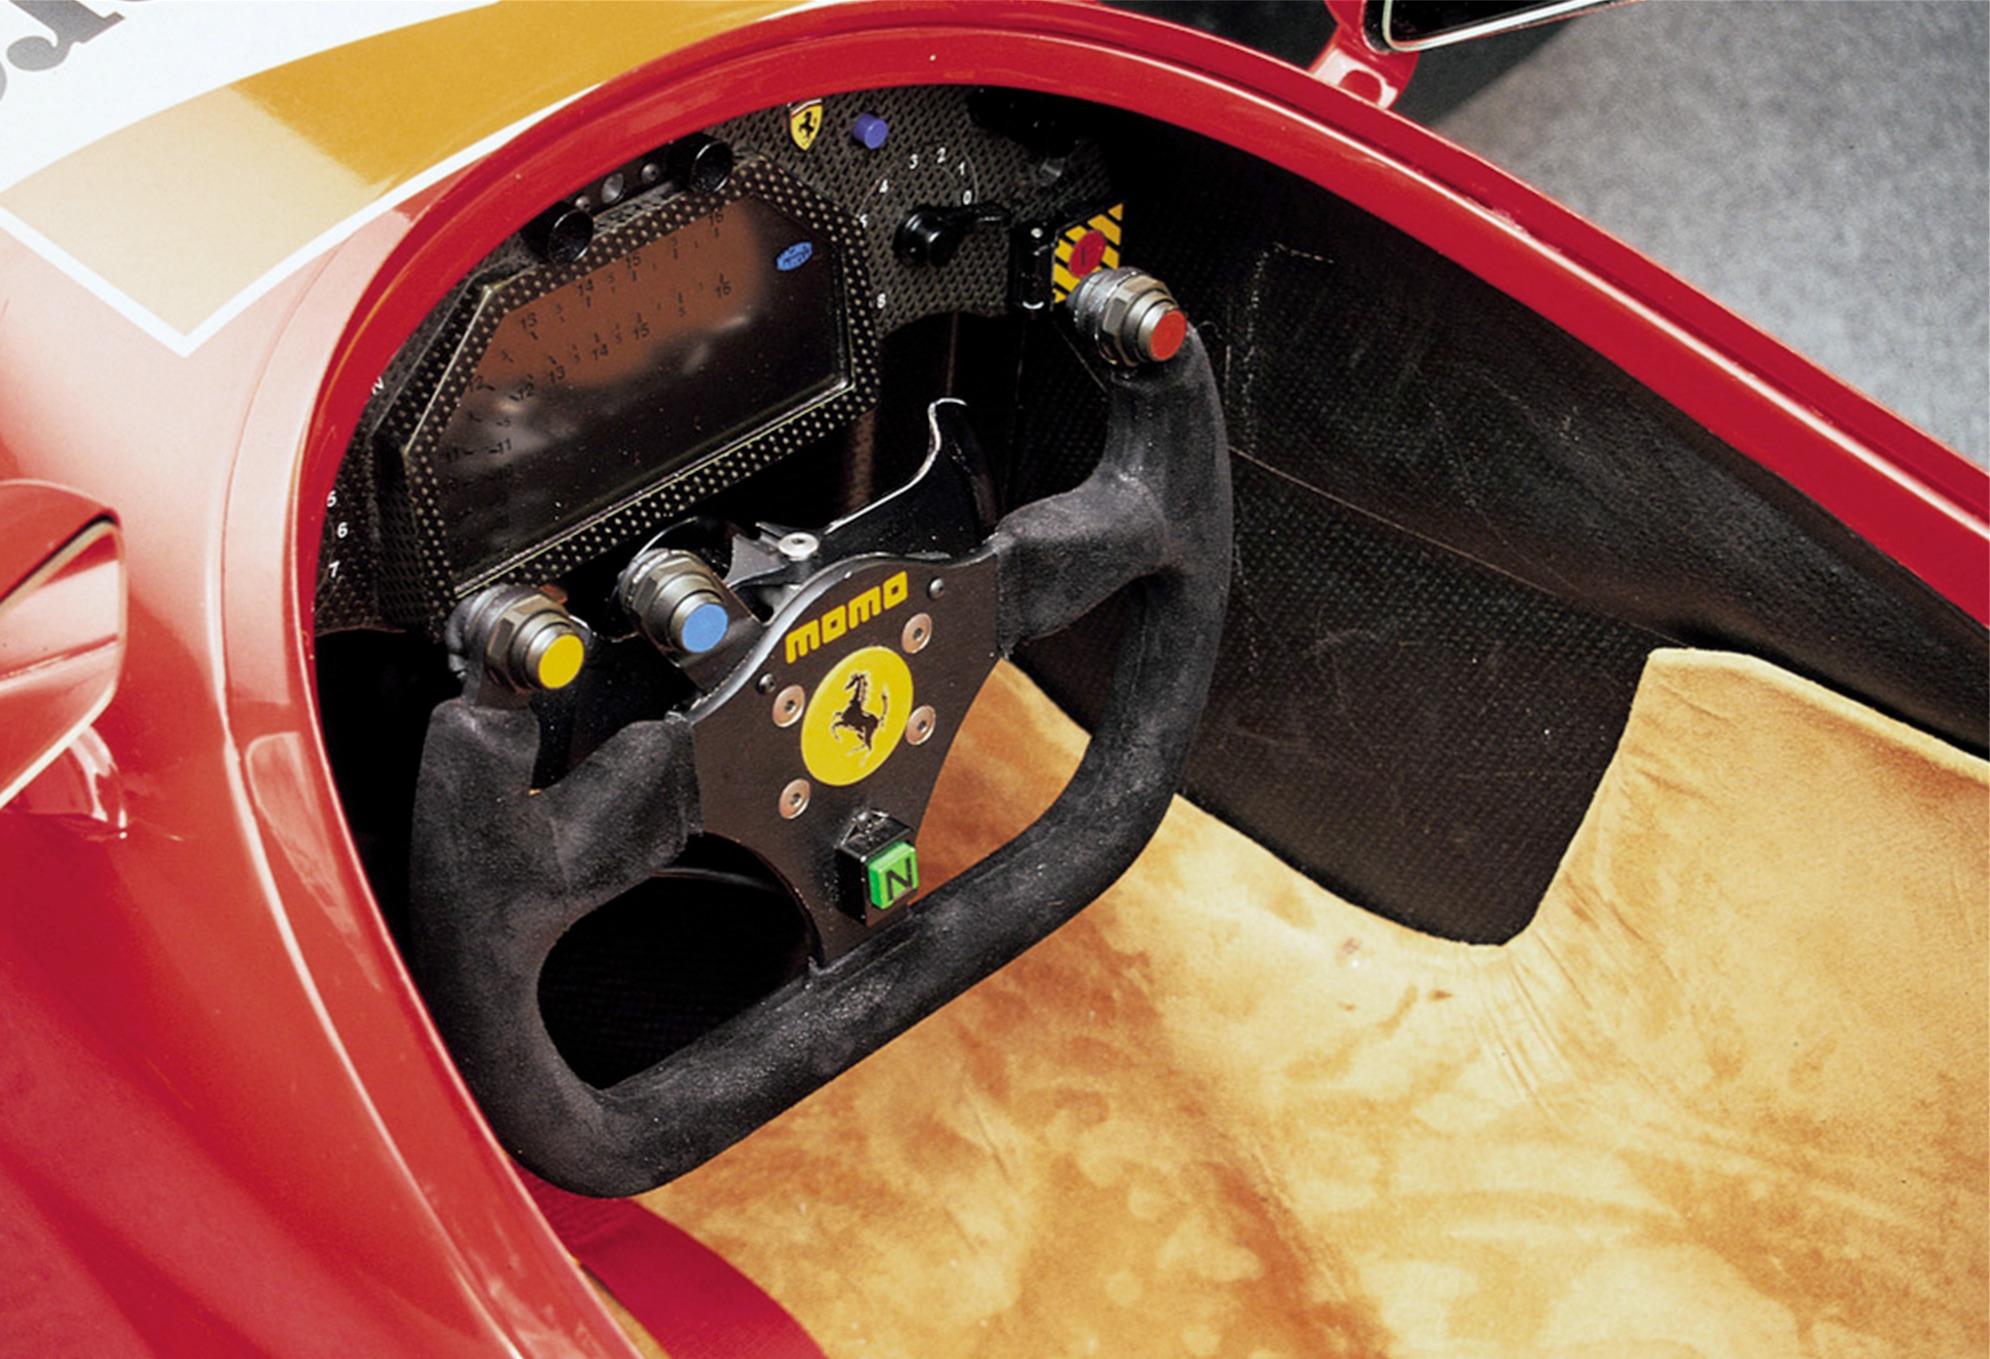 Ferrari T on Power Stering